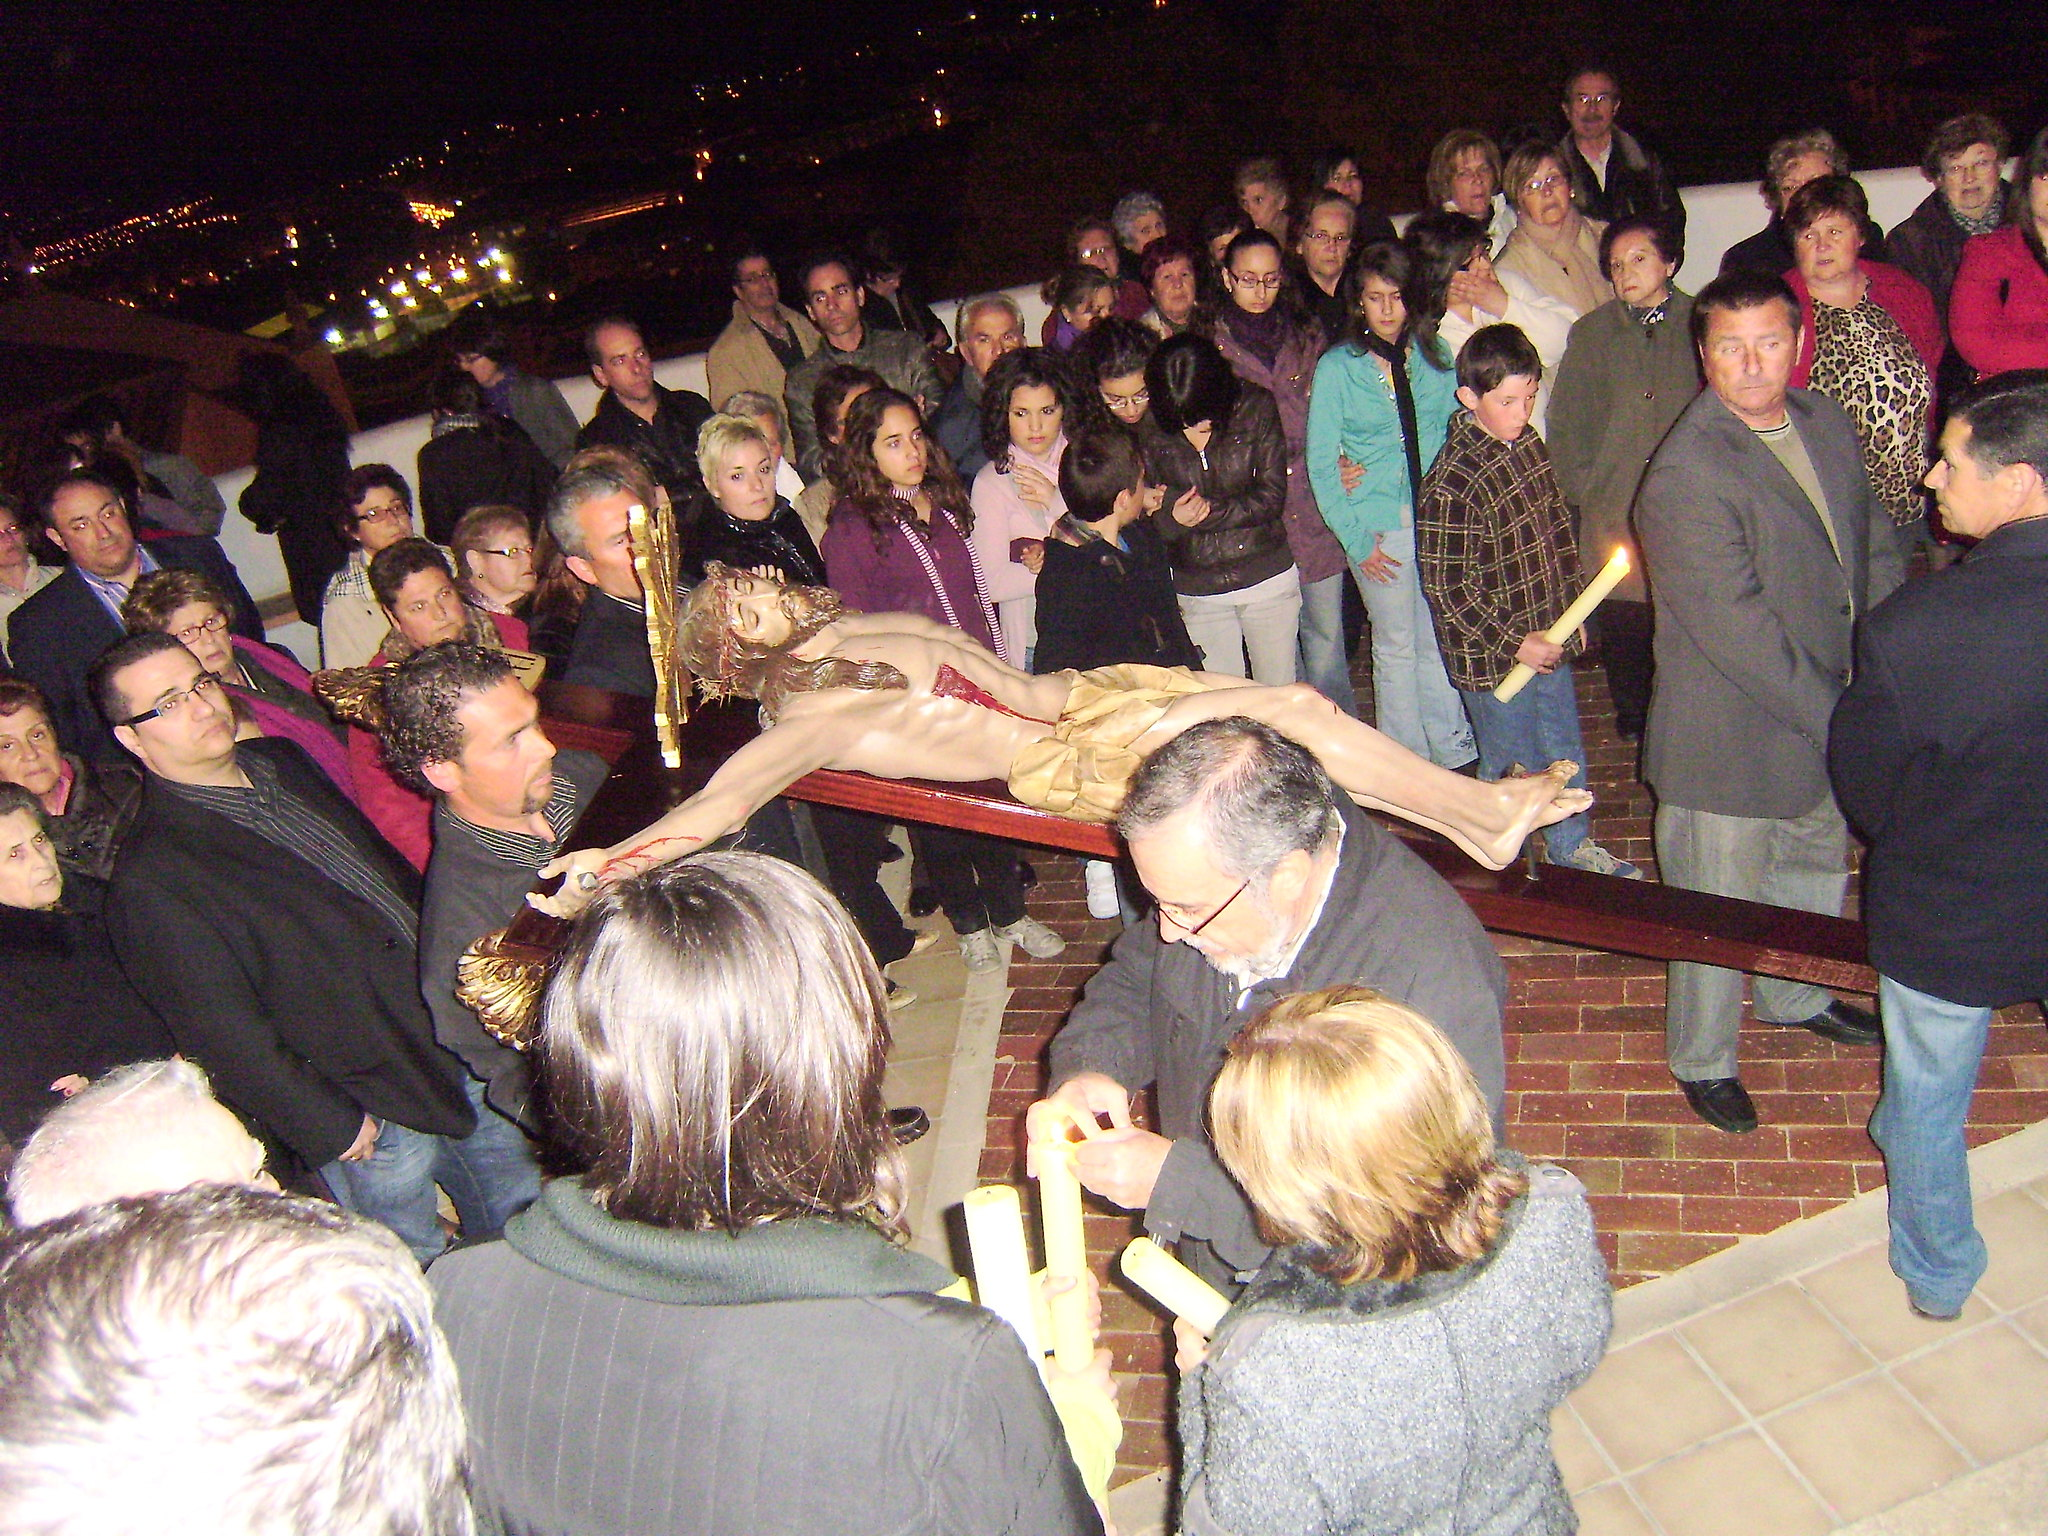 (2010-03-26) - I Vía Crucis nocturno - Javier Romero Ripoll - (03)